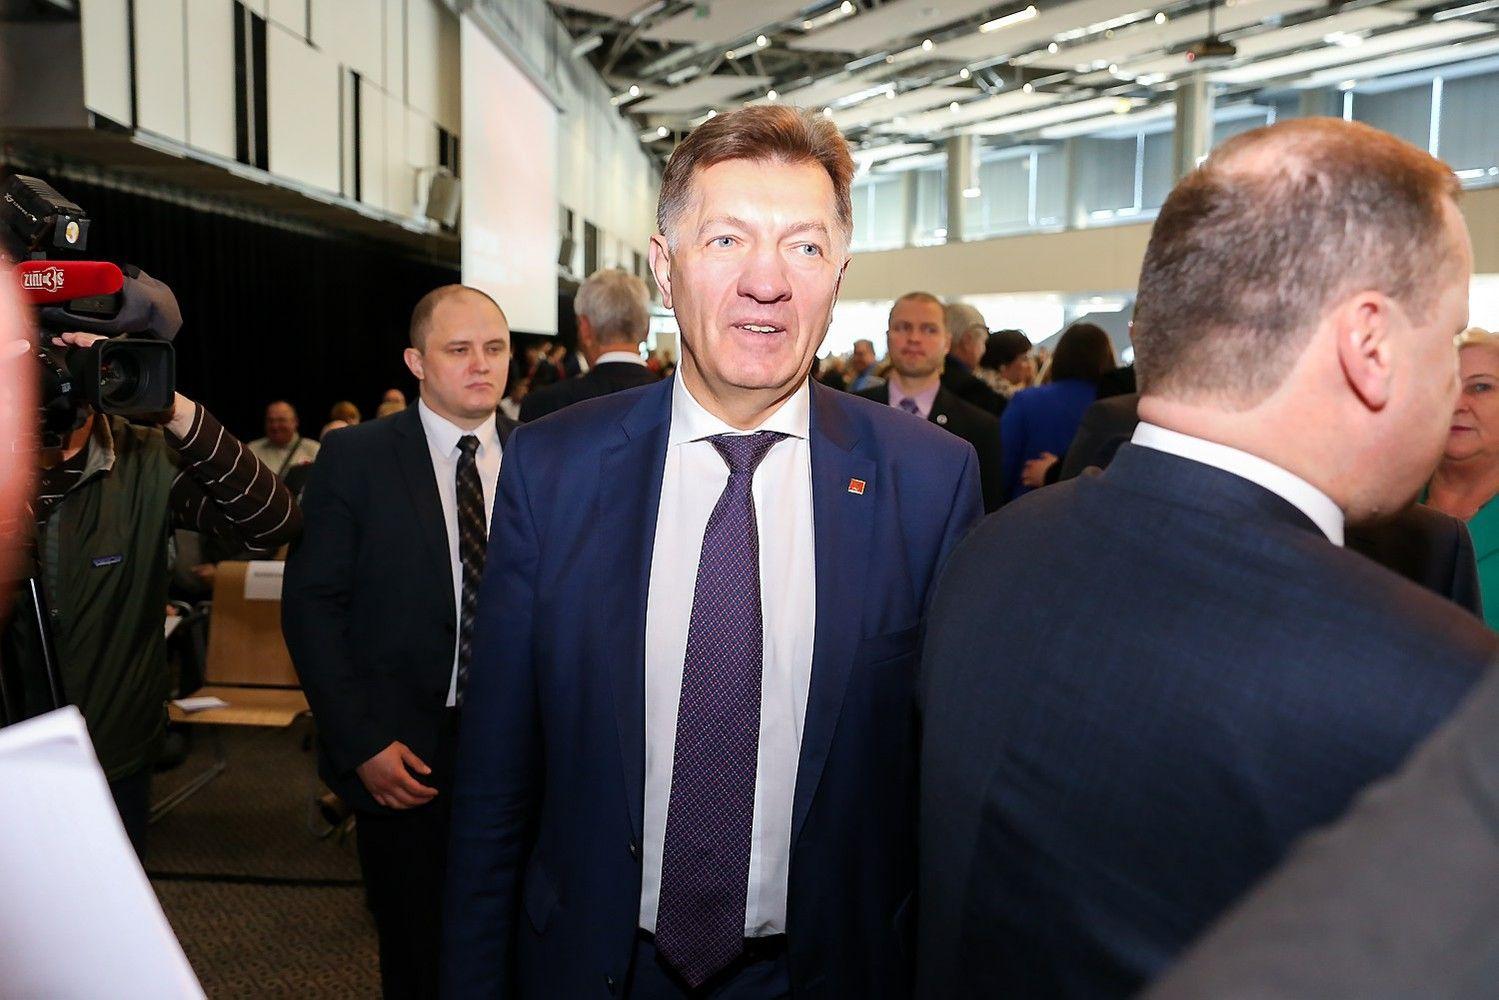 Paaiškėjo naujoji LSDP vadovybė, Butkevičiaus joje nėra